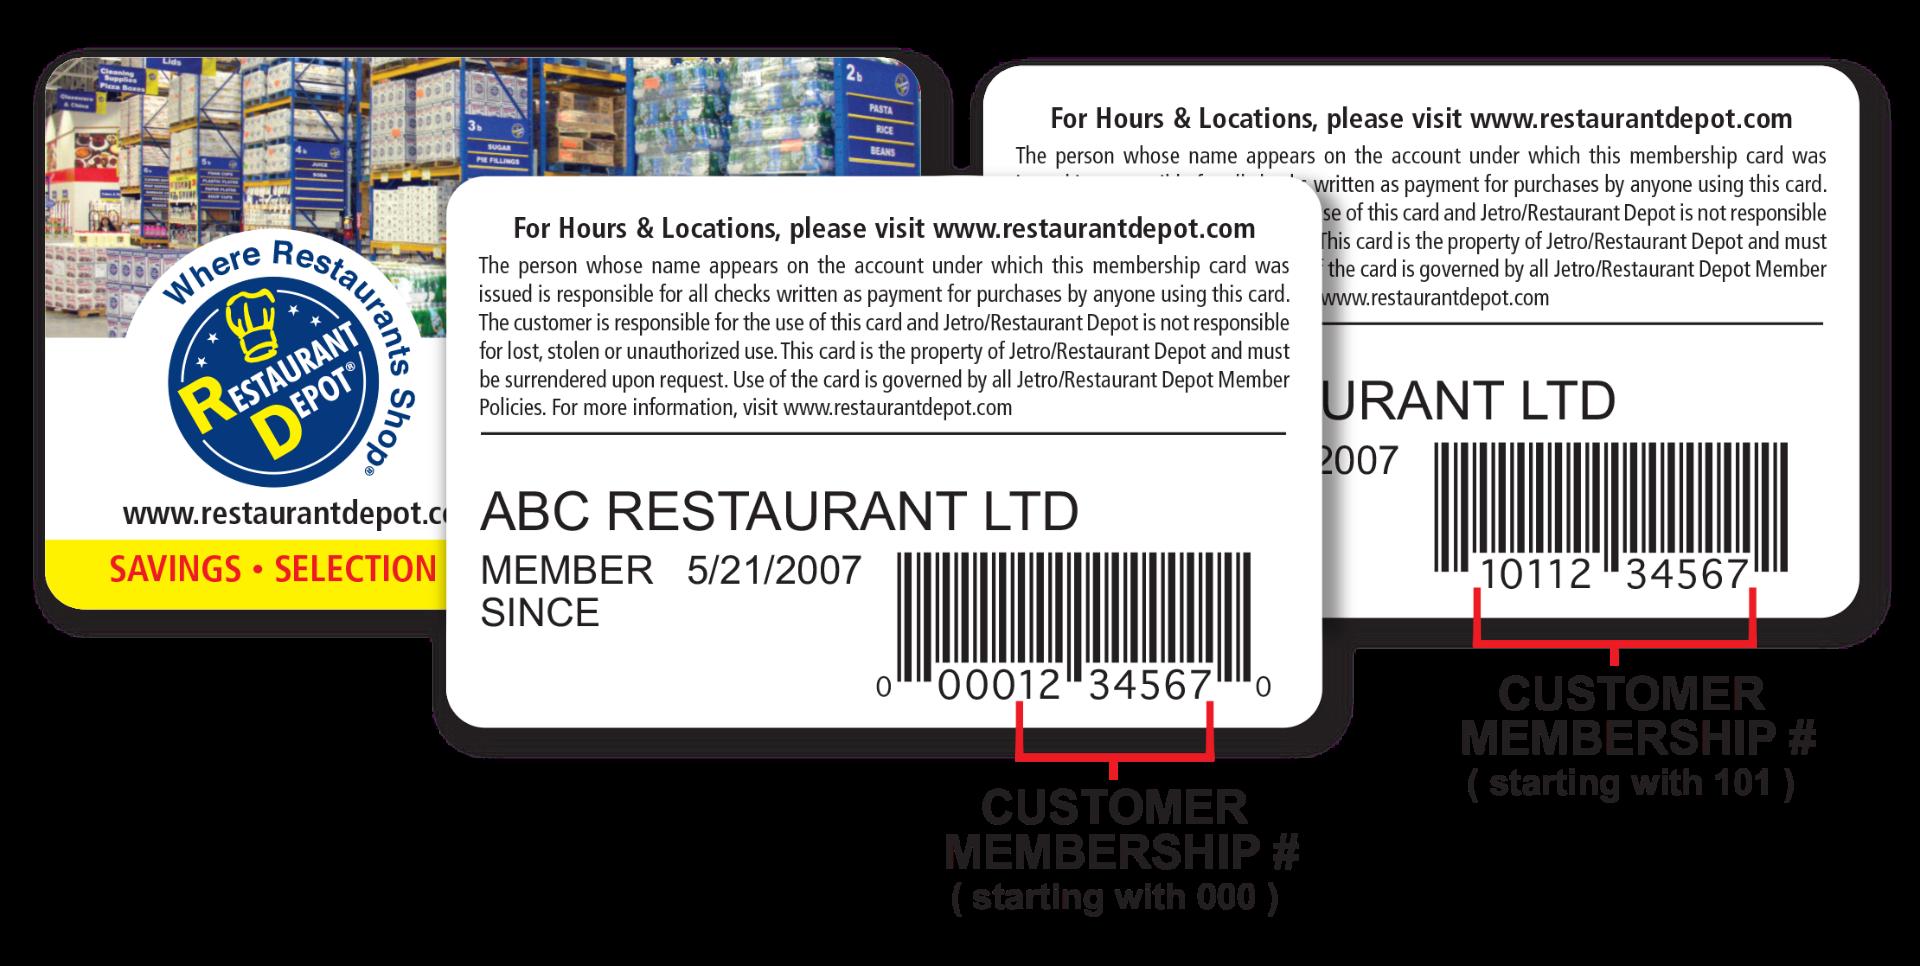 resturant depot member card membership number